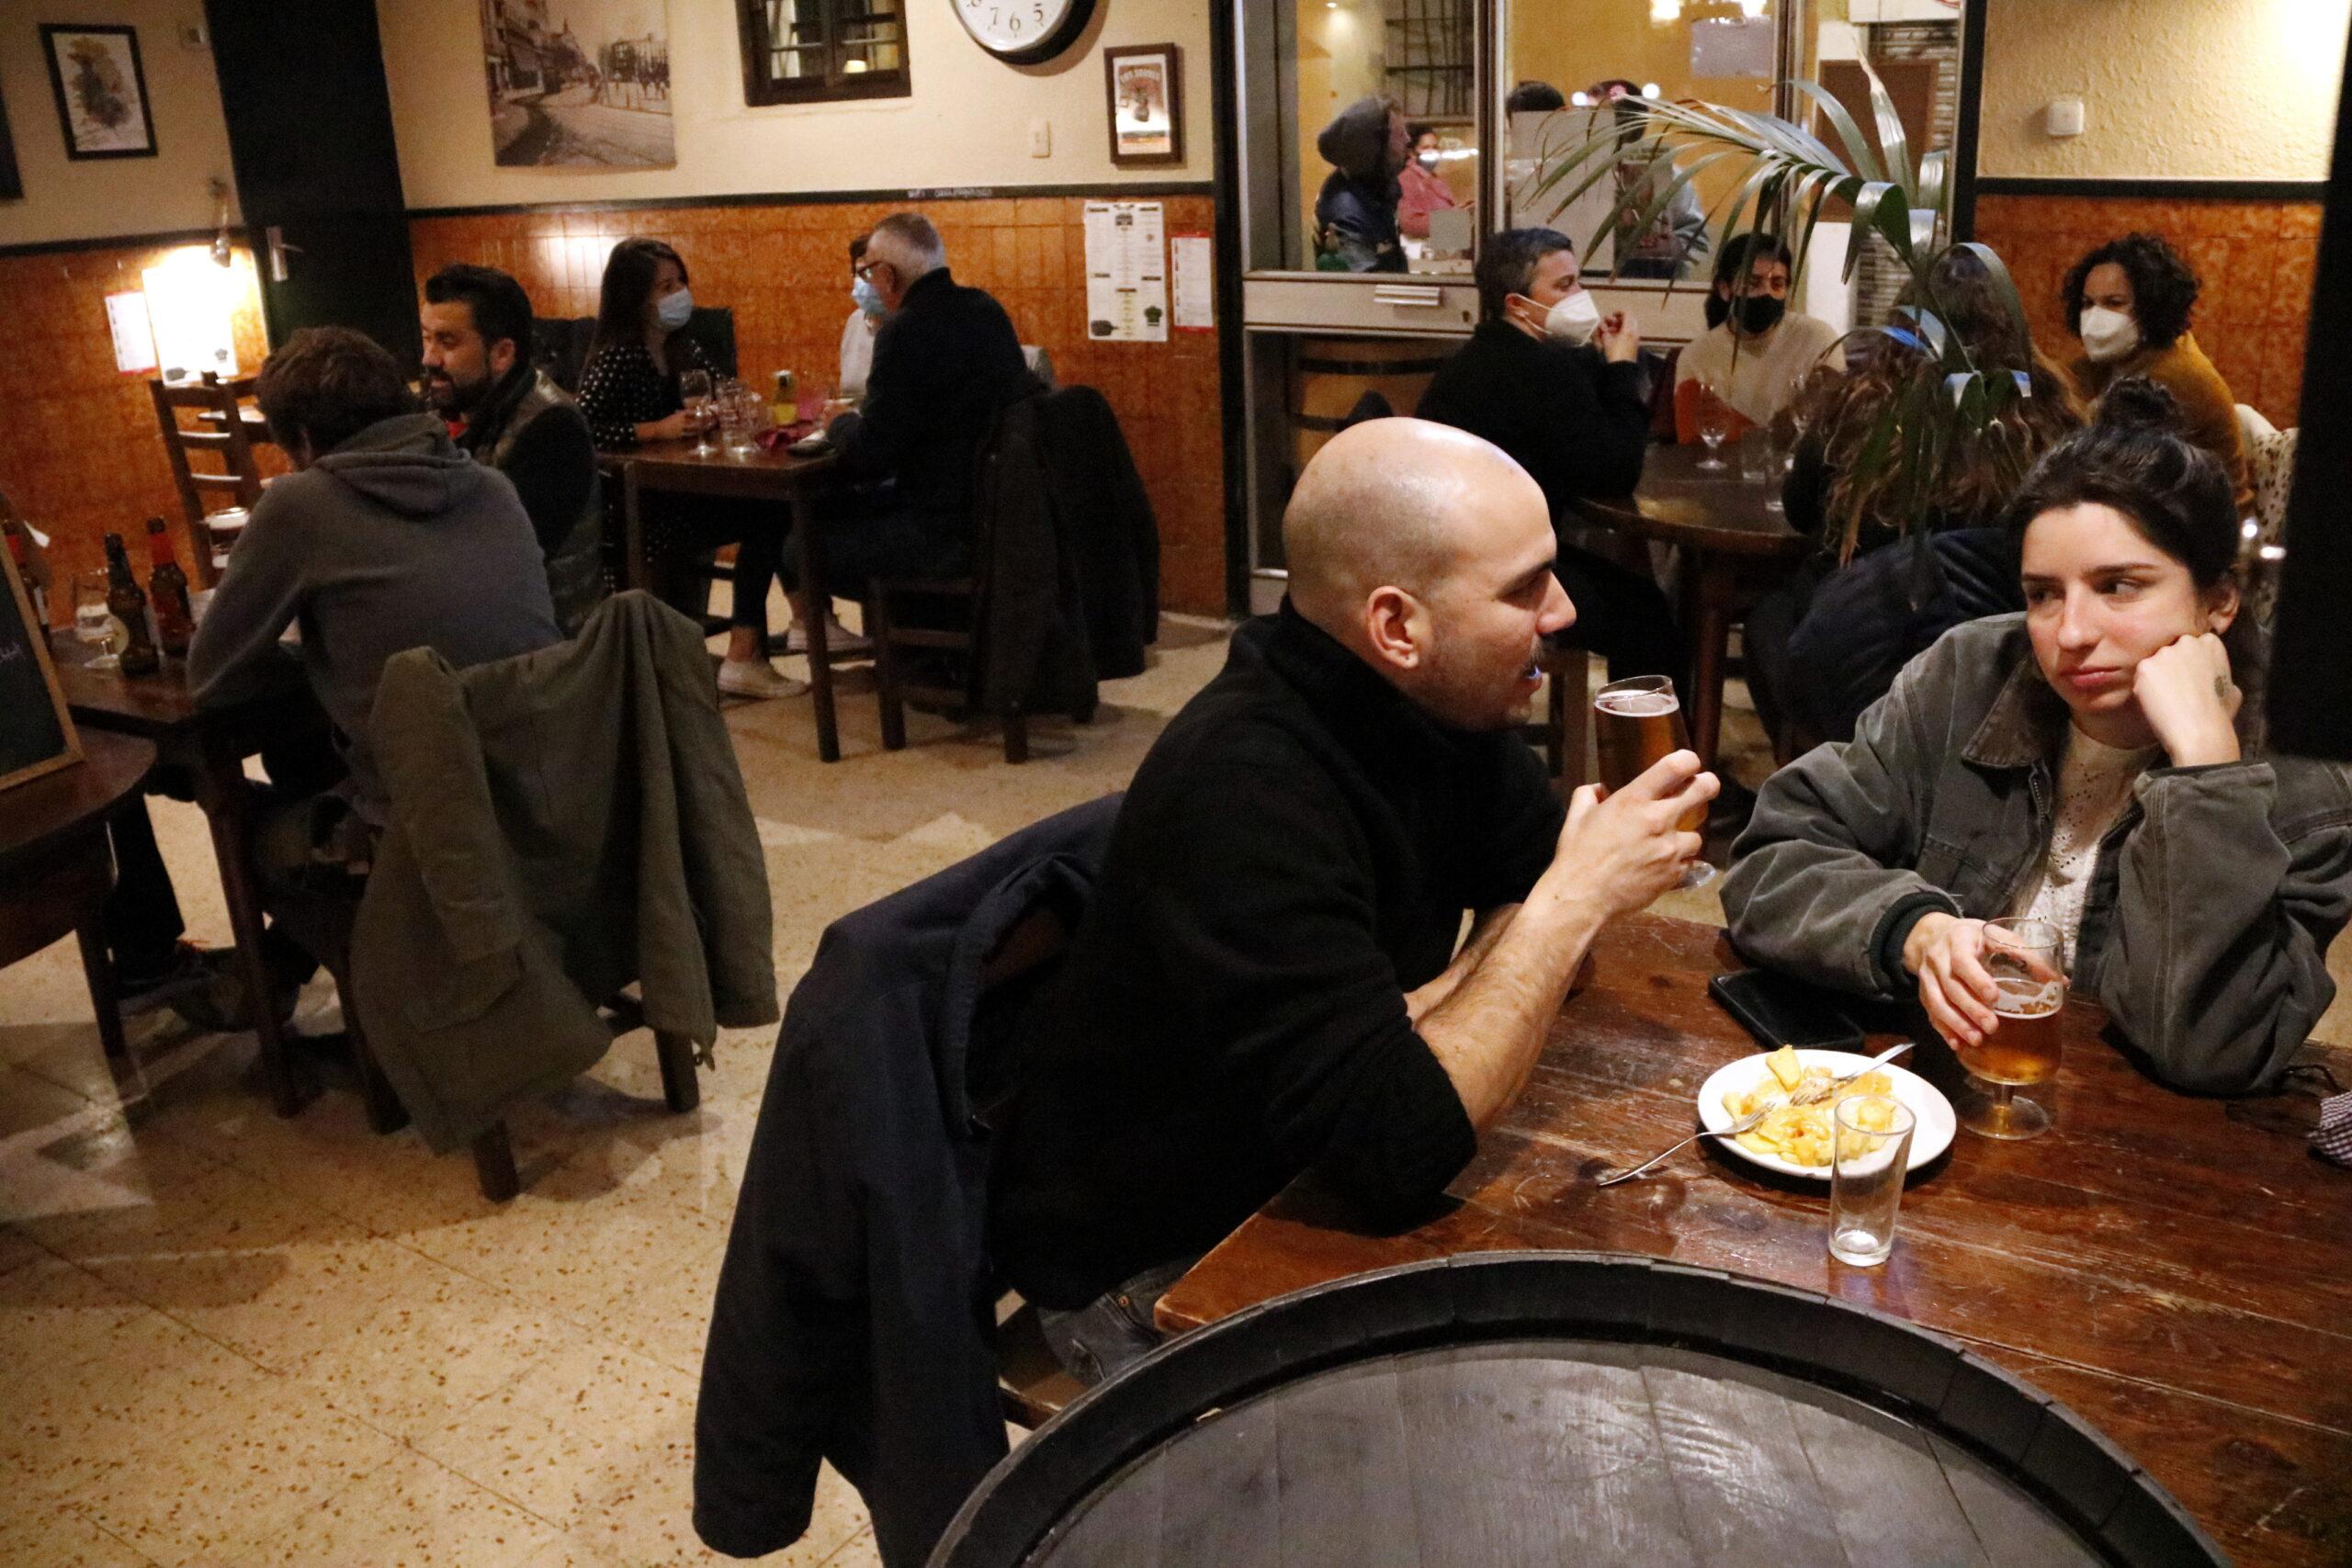 Gent sopant al restaurant Casa Pagès | ACN